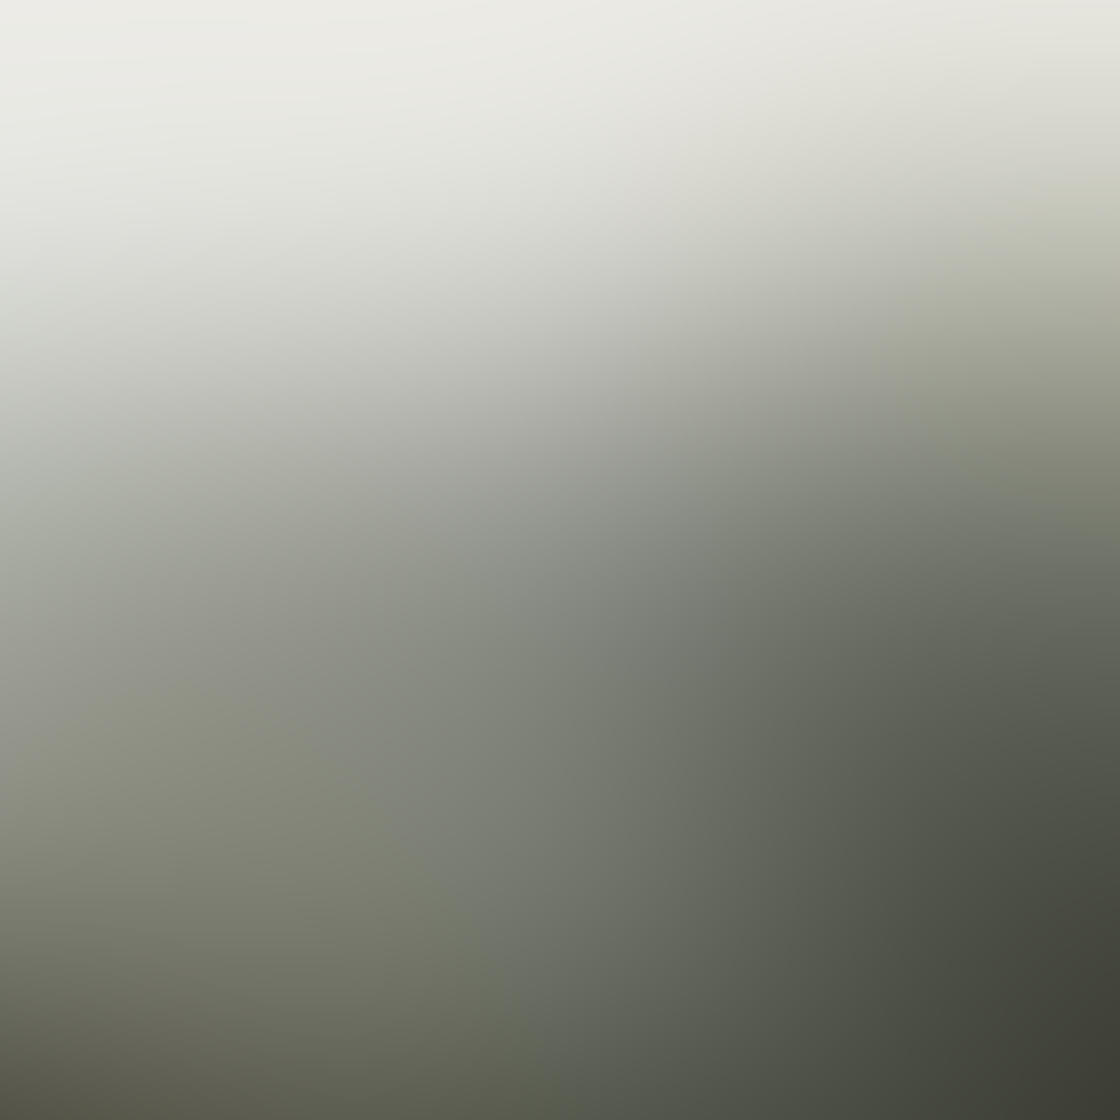 Fog & Mist iPhone Photos 9